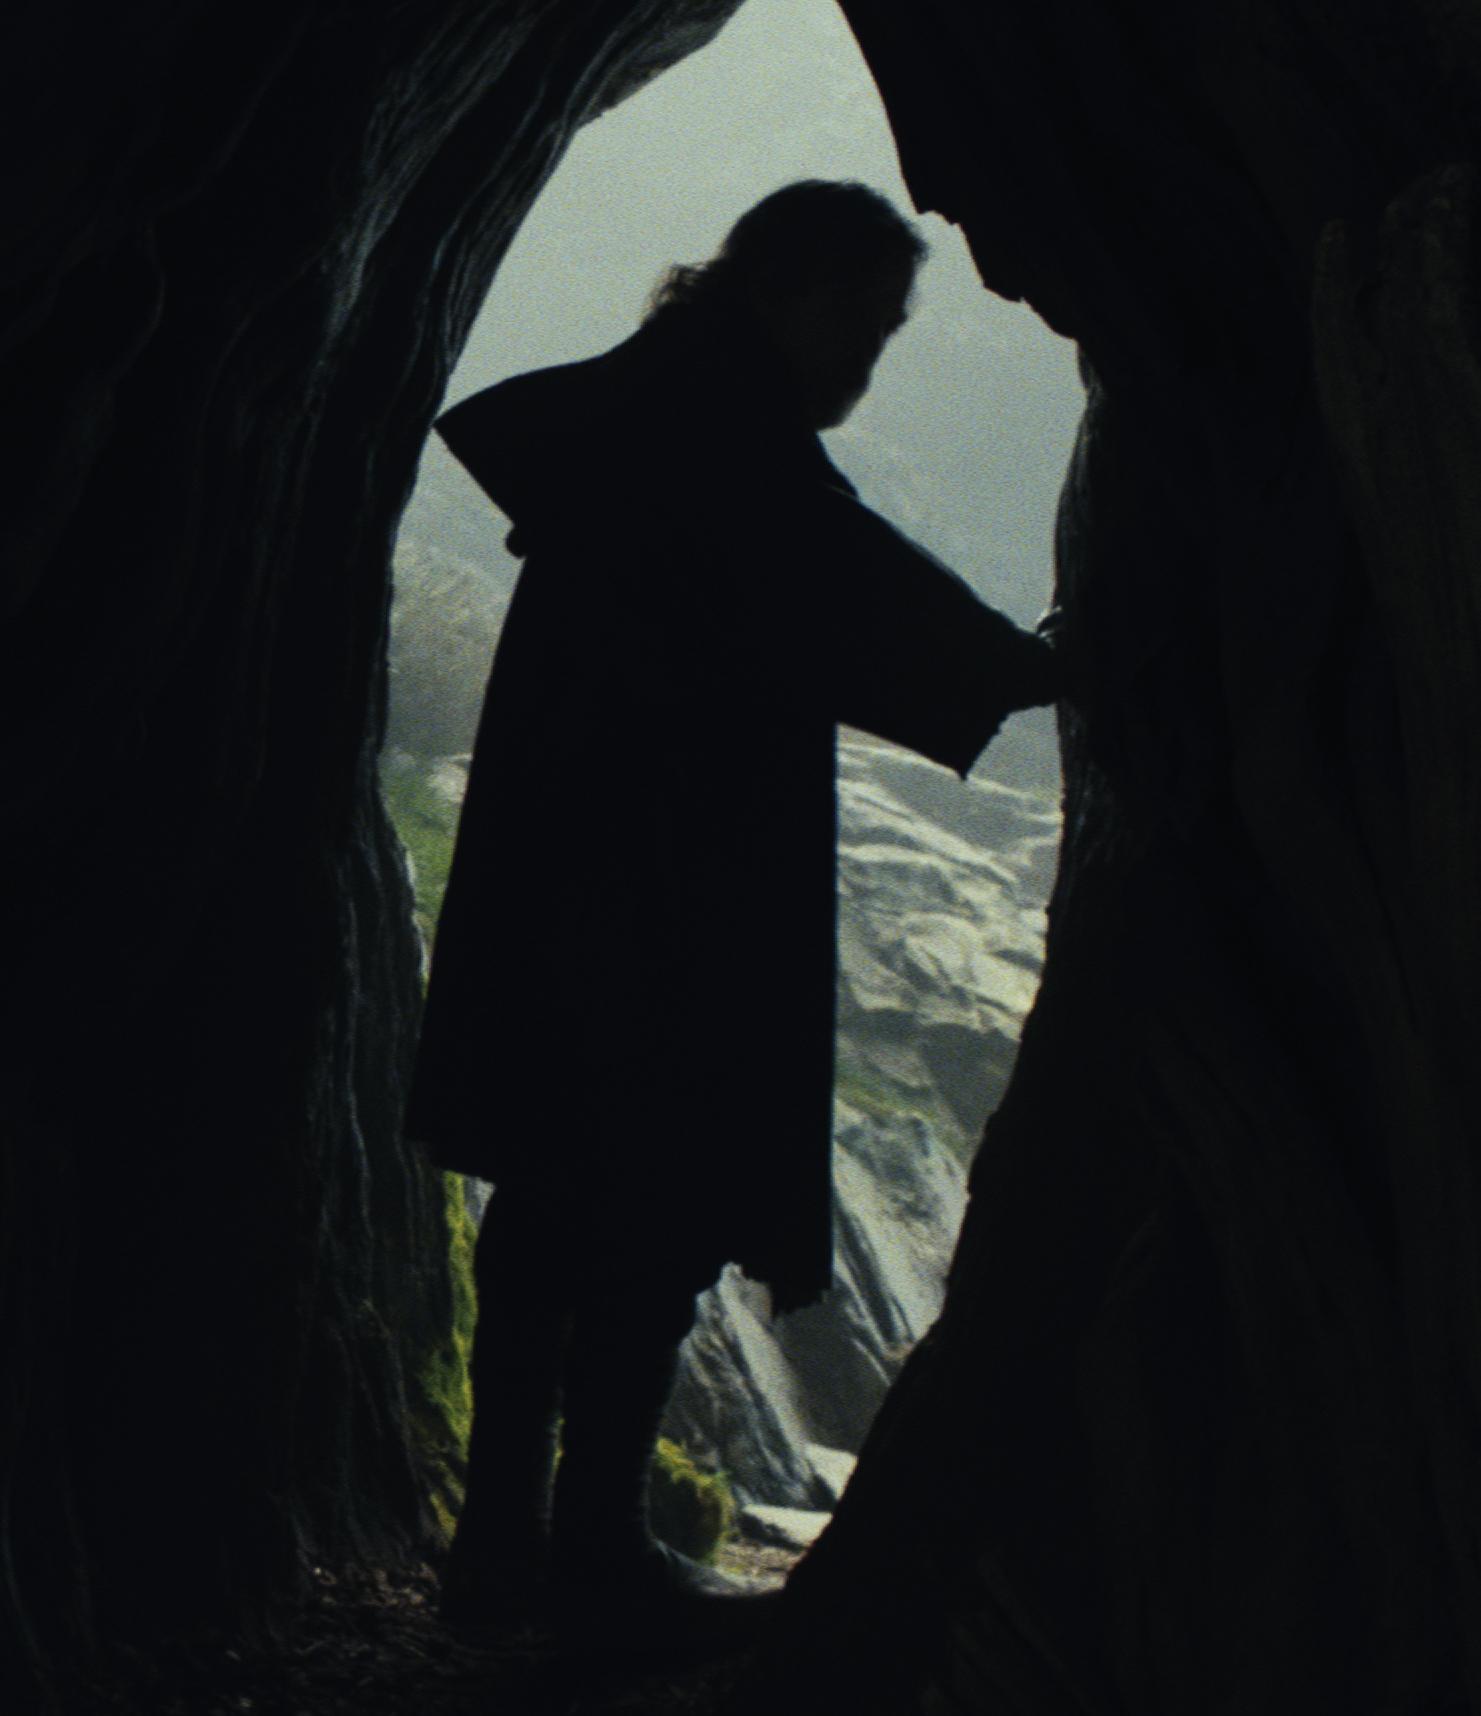 star wars the last jedi end 20 Reasons Why Star Wars: The Last Jedi Is The Best Film In The Saga So Far